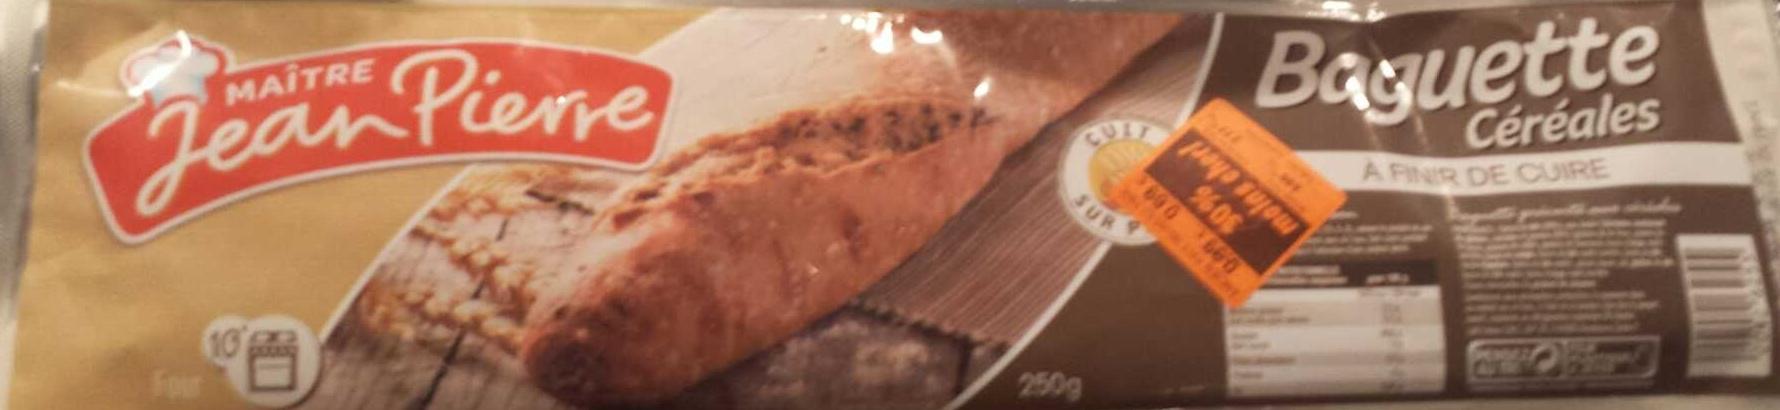 Baguette céréales à finir de cuire - Product